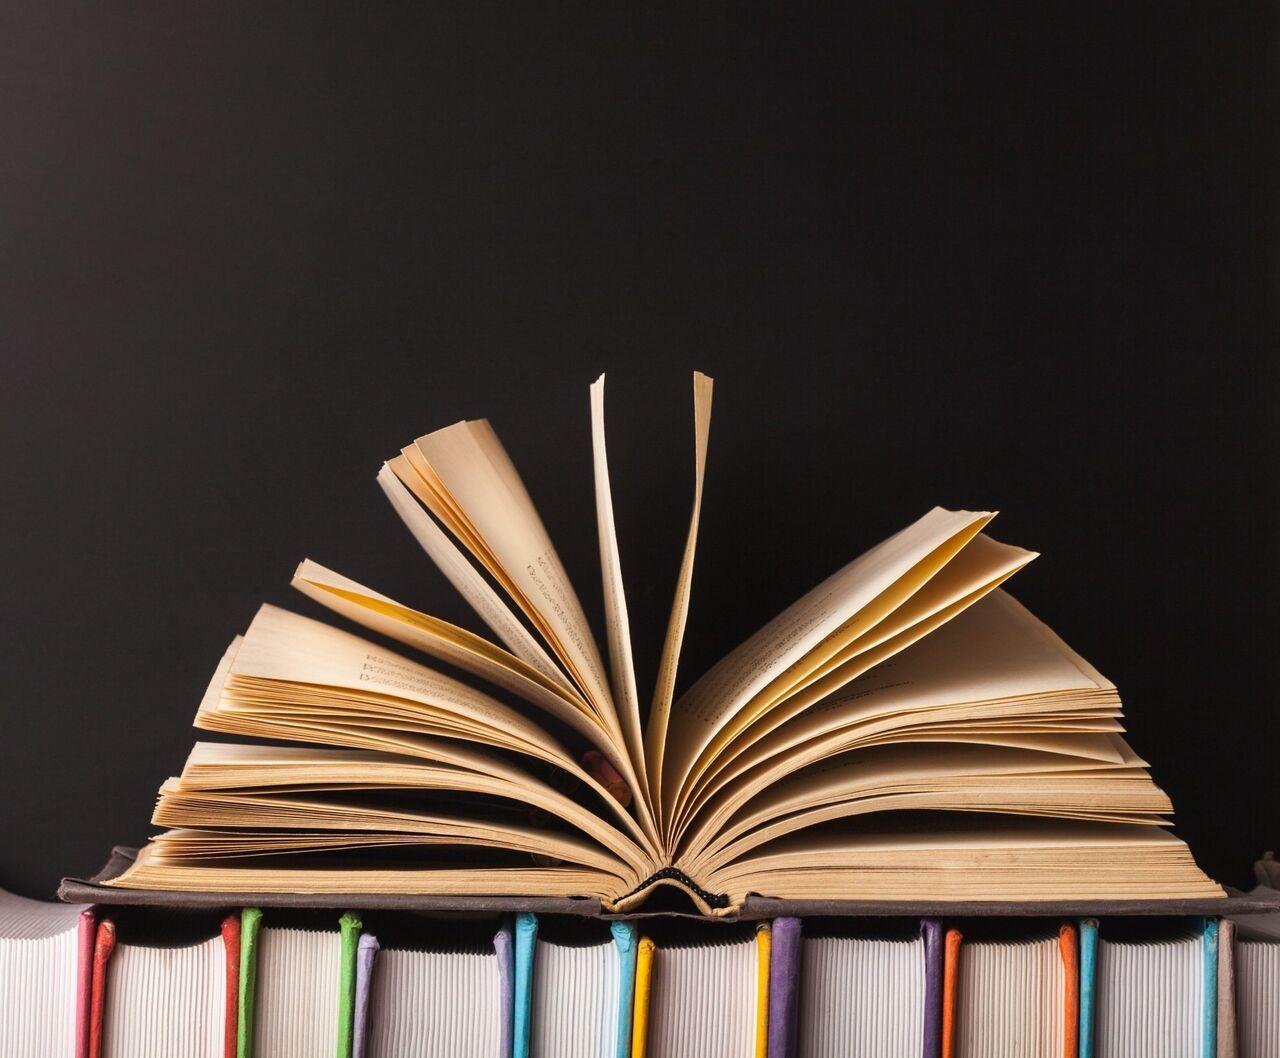 چرا باید کتابهای پولساز را مطالعه کنیم